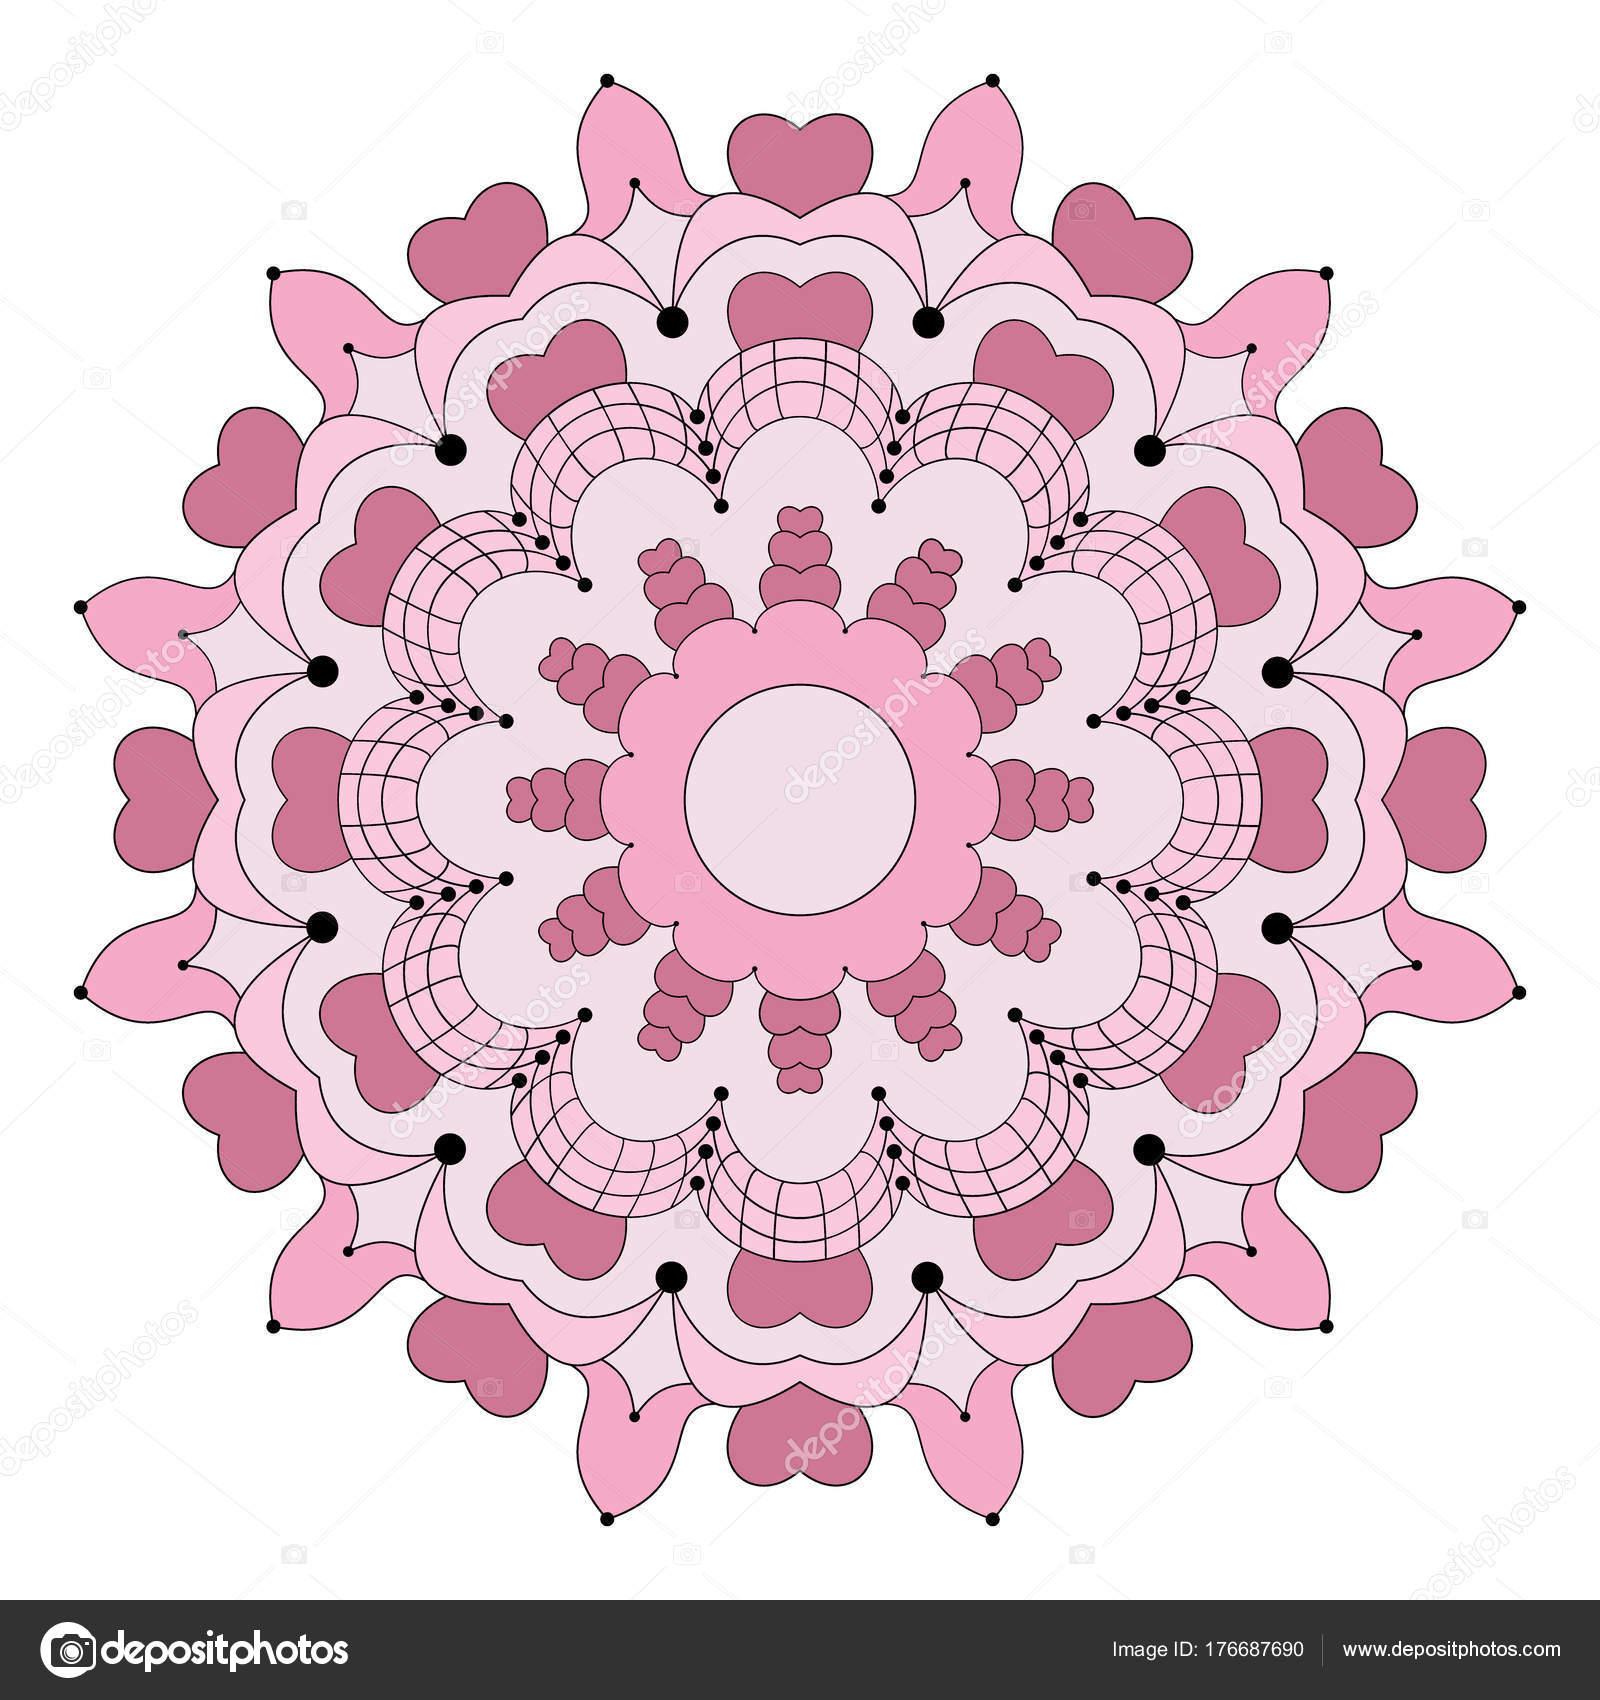 Vektor-farbige Runde Blume Mandala mit Herzen - Erwachsenen Buch ...